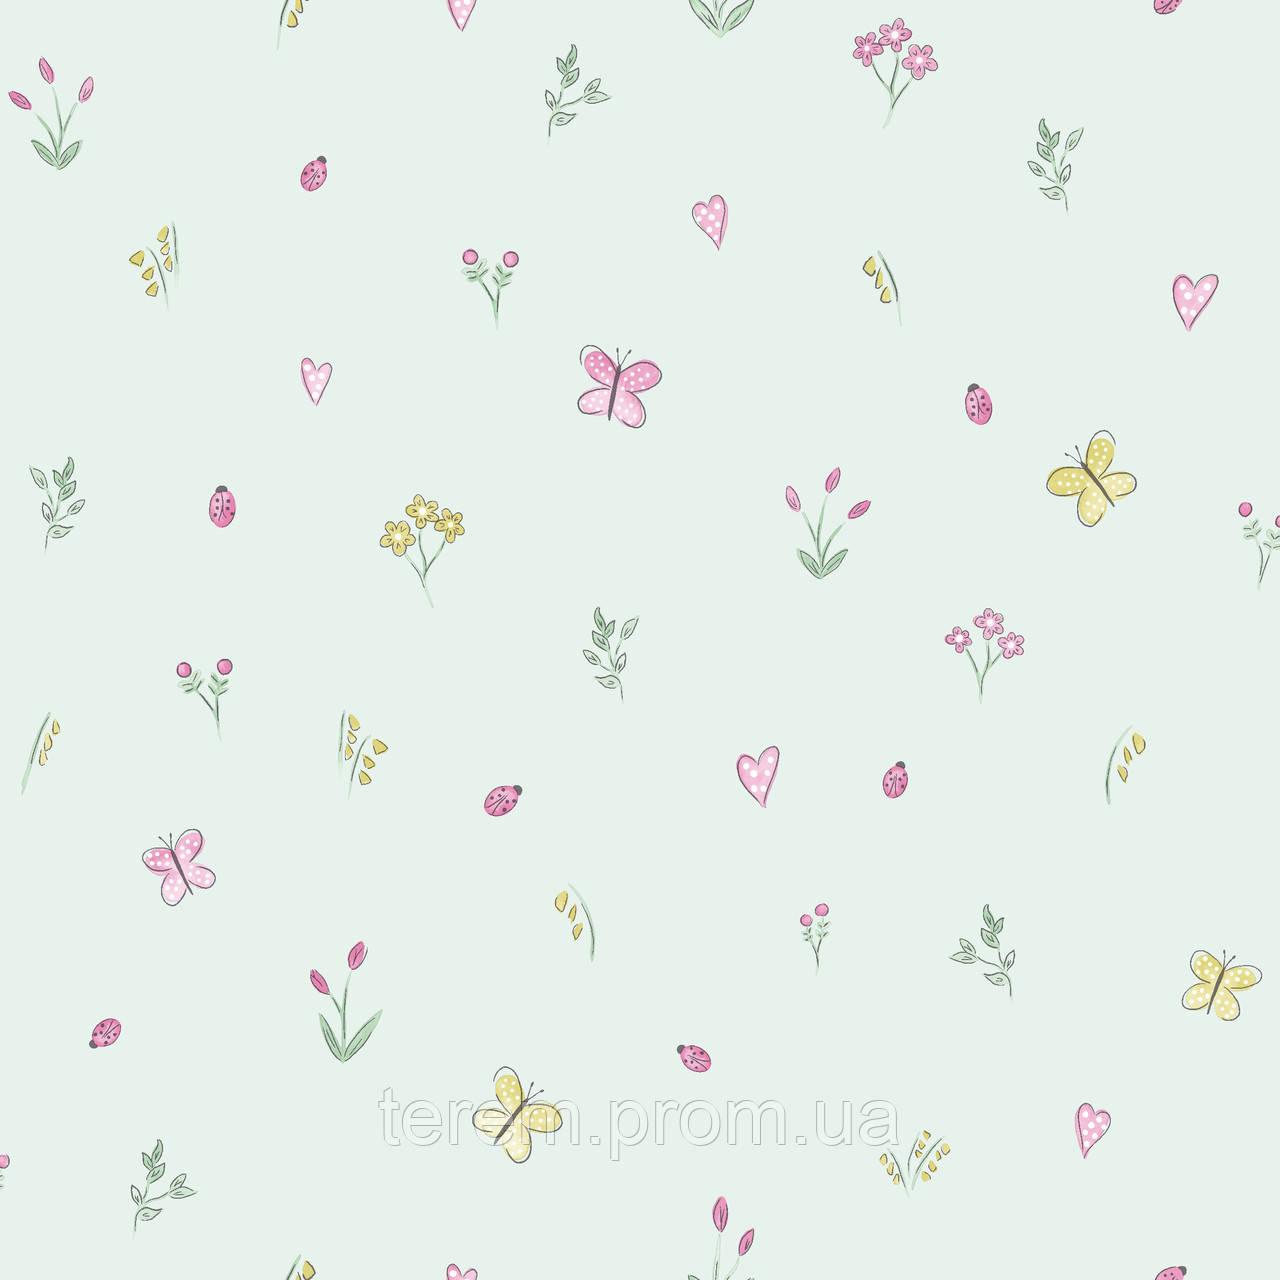 Butterfly Garden Soft Teal